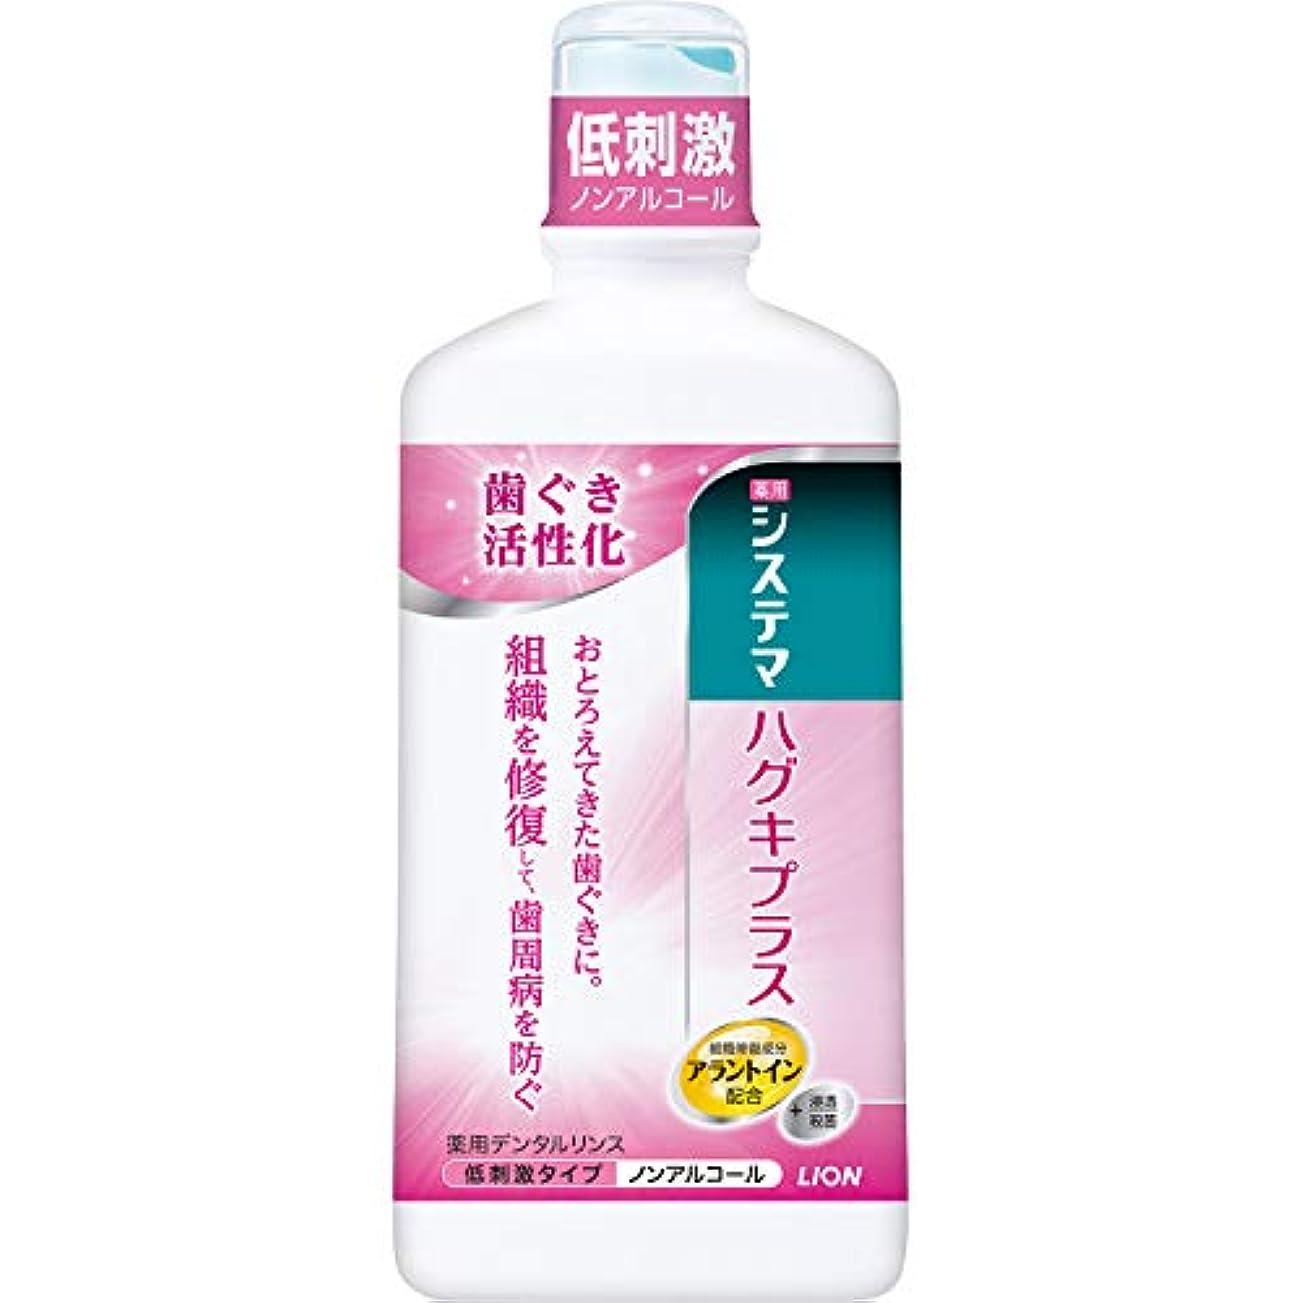 便益おかしい除去システマ ハグキプラス デンタルリンス 450ml 液体歯磨 (医薬部外品)